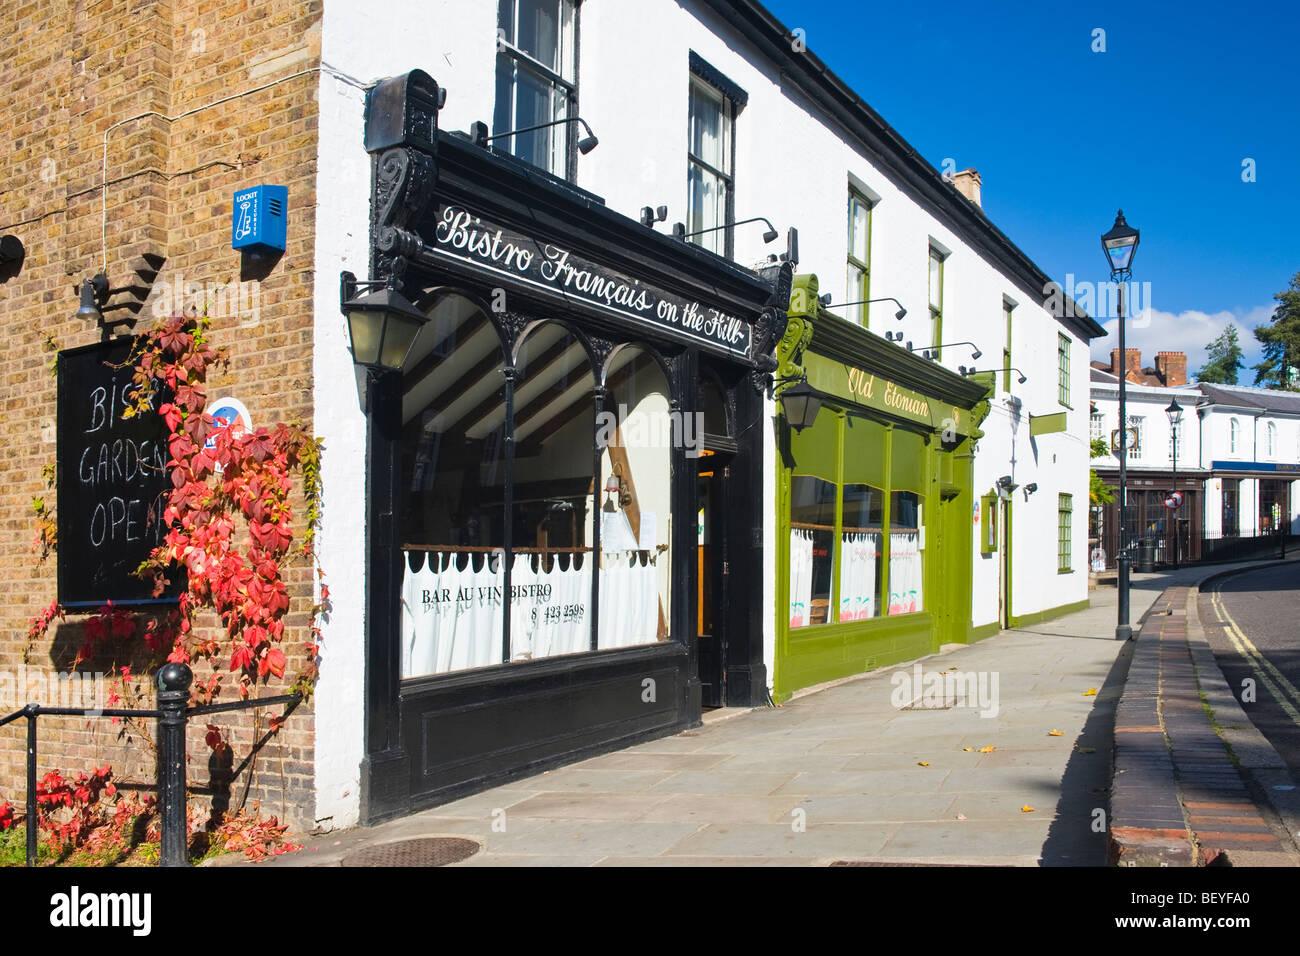 Harrow School , monument , Old Etonian restaurant gastronomique & Bistro francais sur la Colline Photo Stock